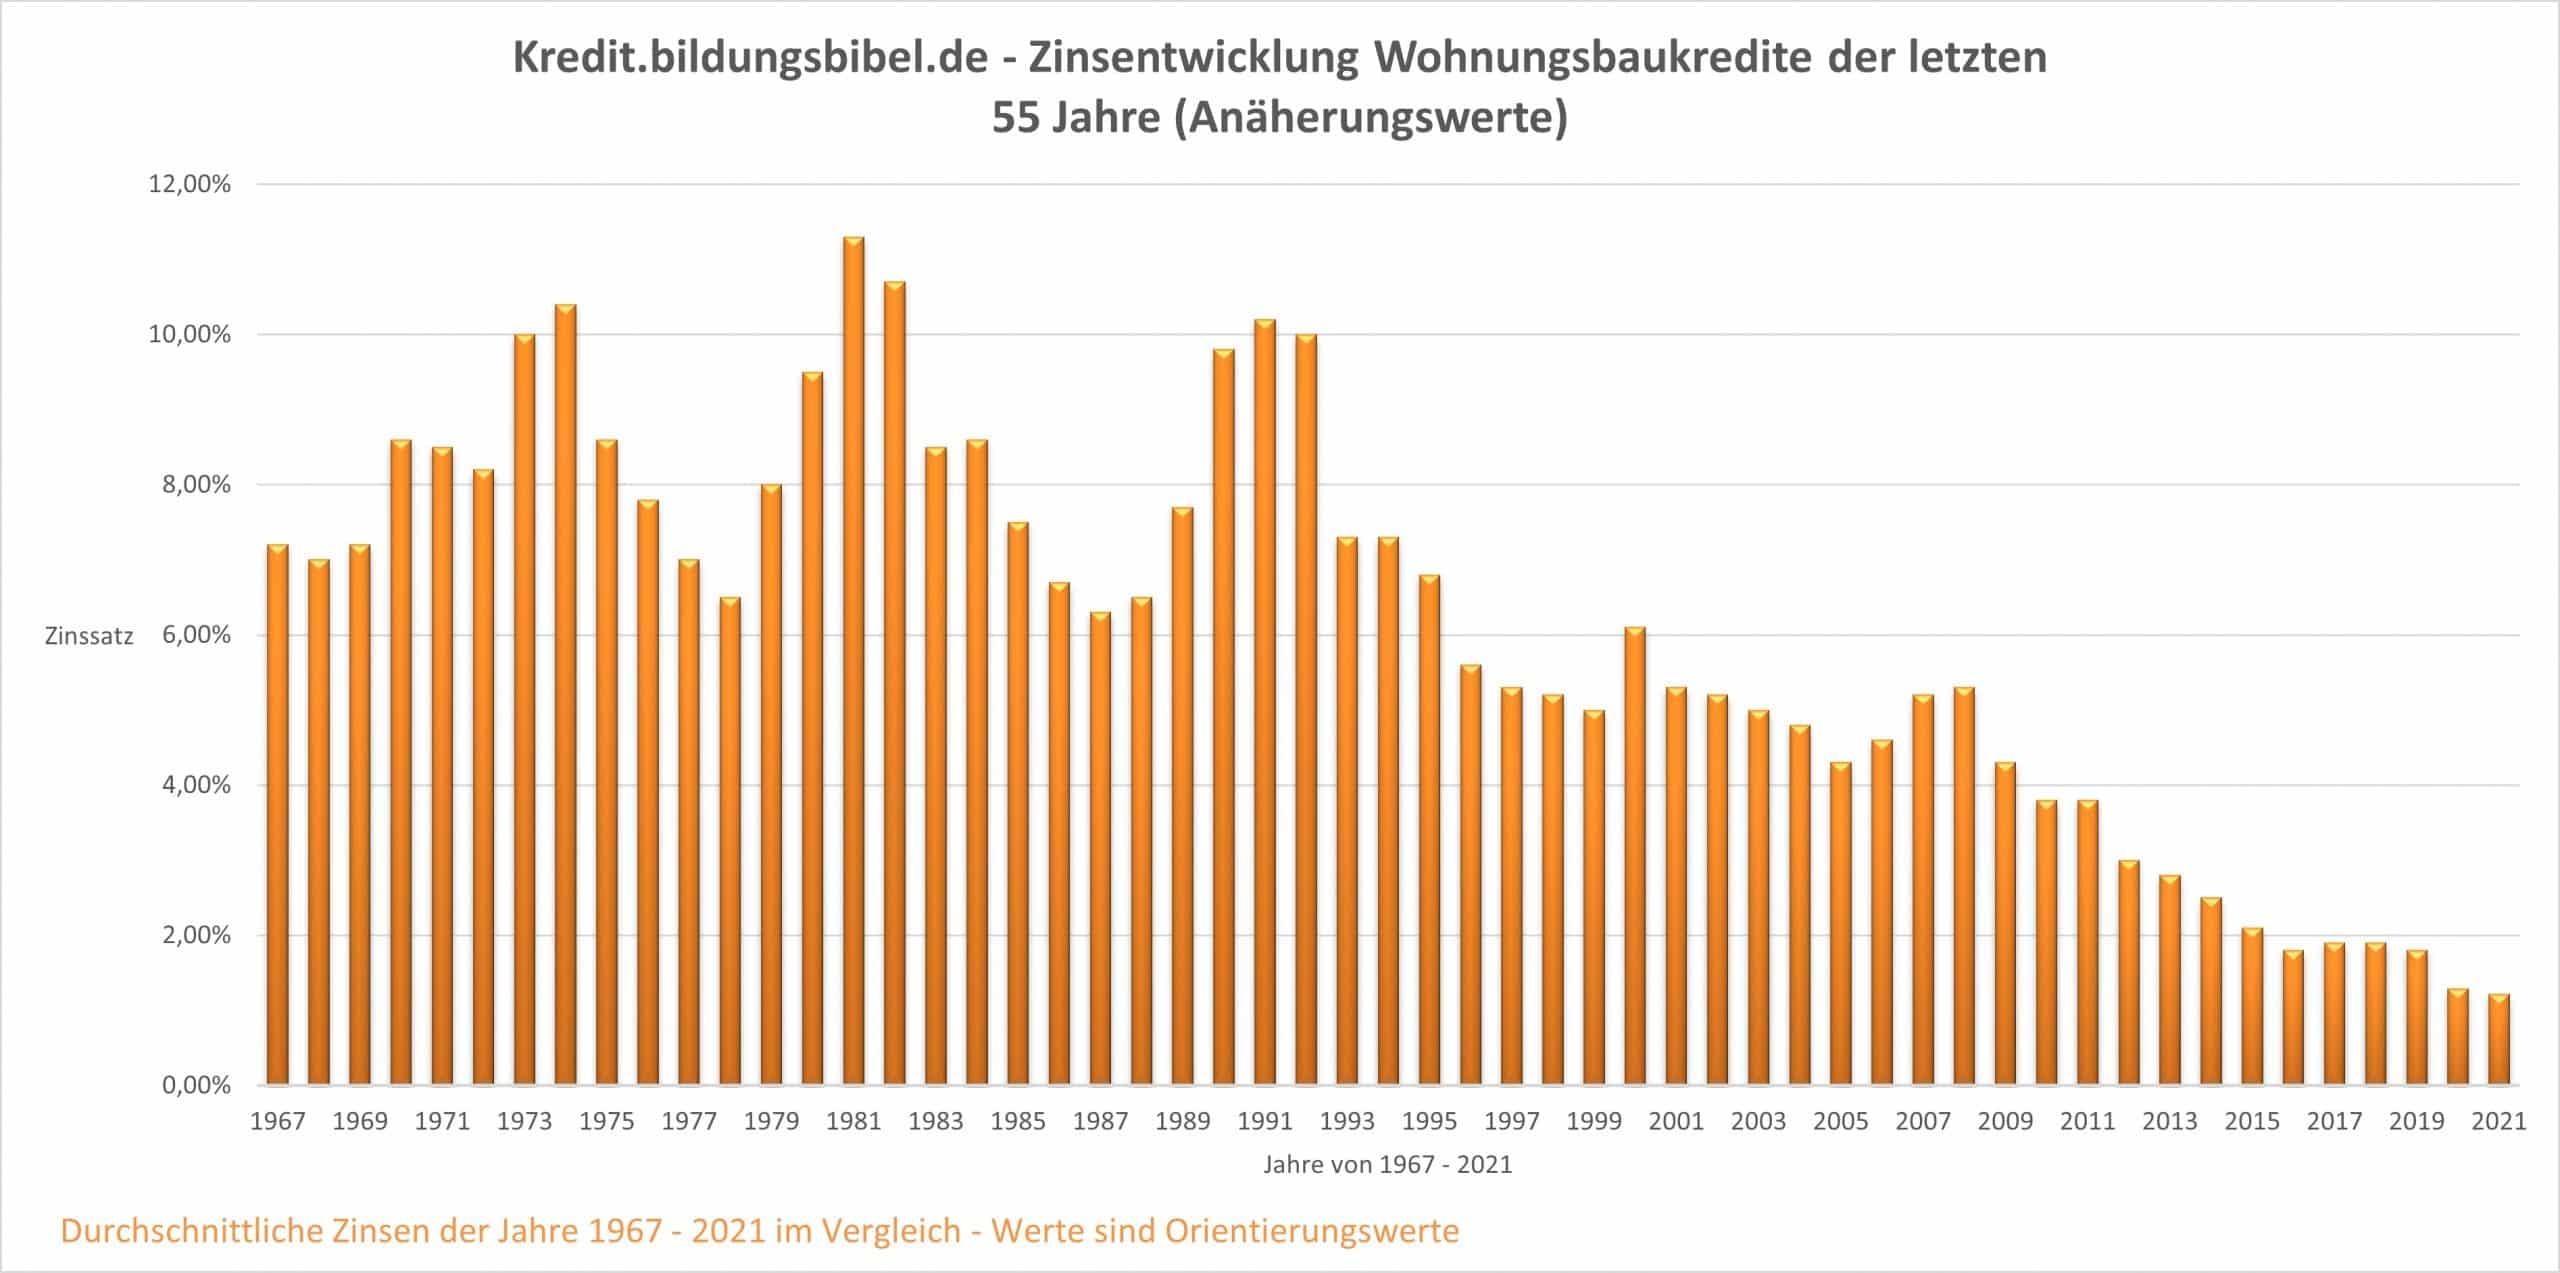 Baufinanzierung Zinsen von 1967 - 2021 Zinsentwicklung letzte 55 Jahre